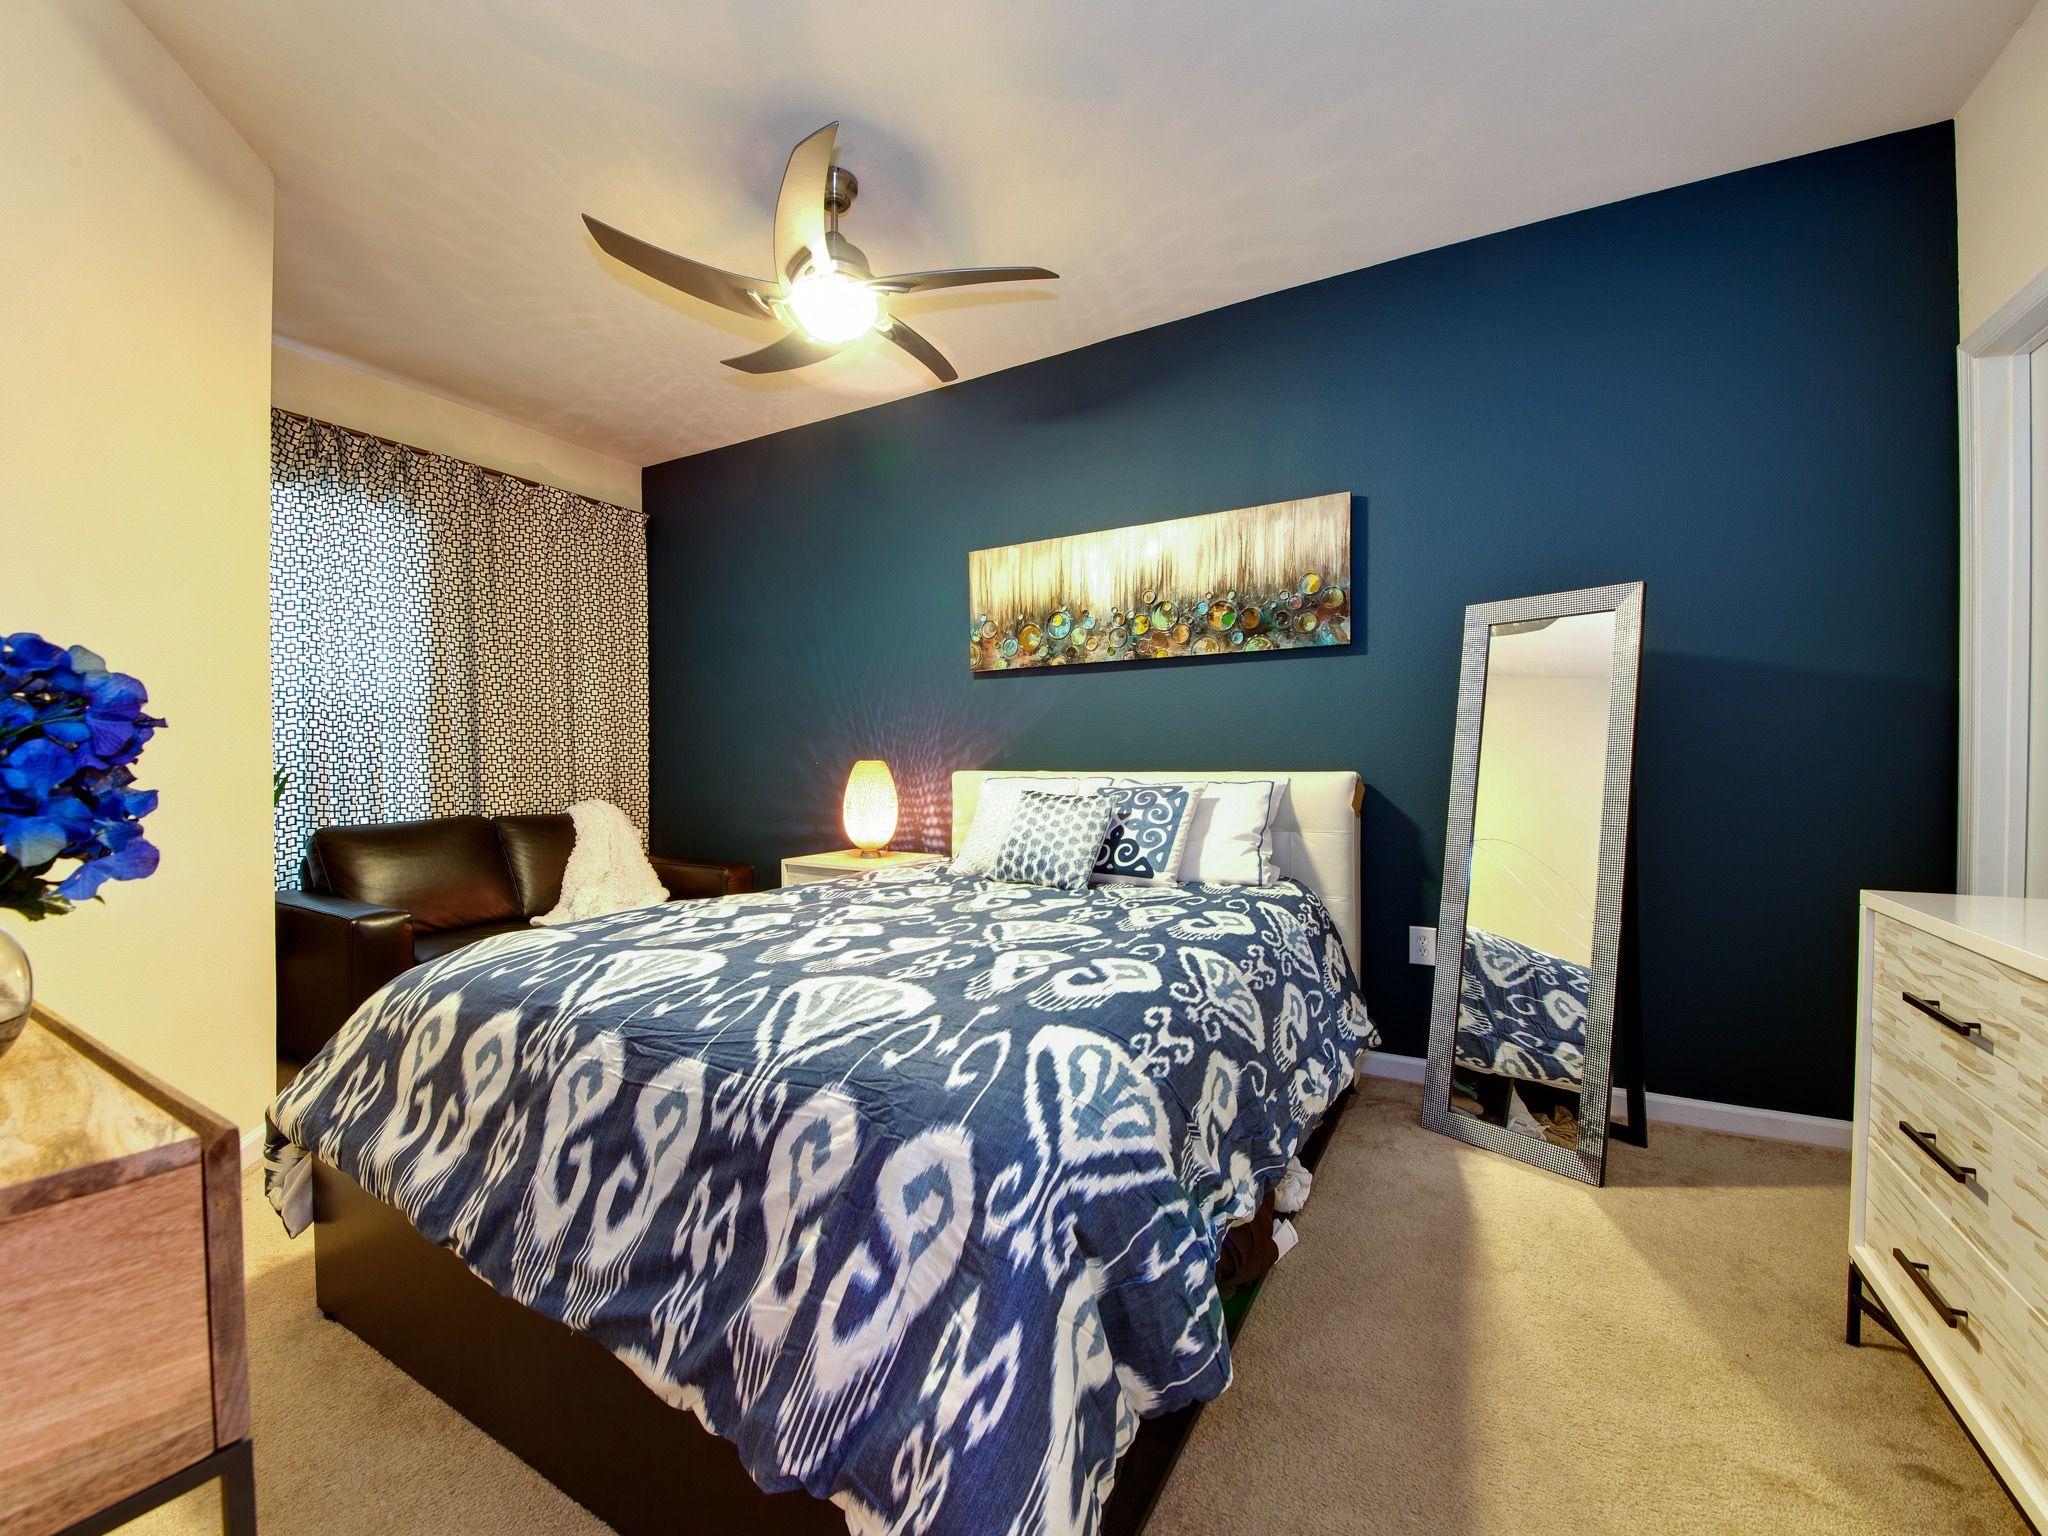 20 Schönes Schlafzimmer Malen Und Farbe Ideen